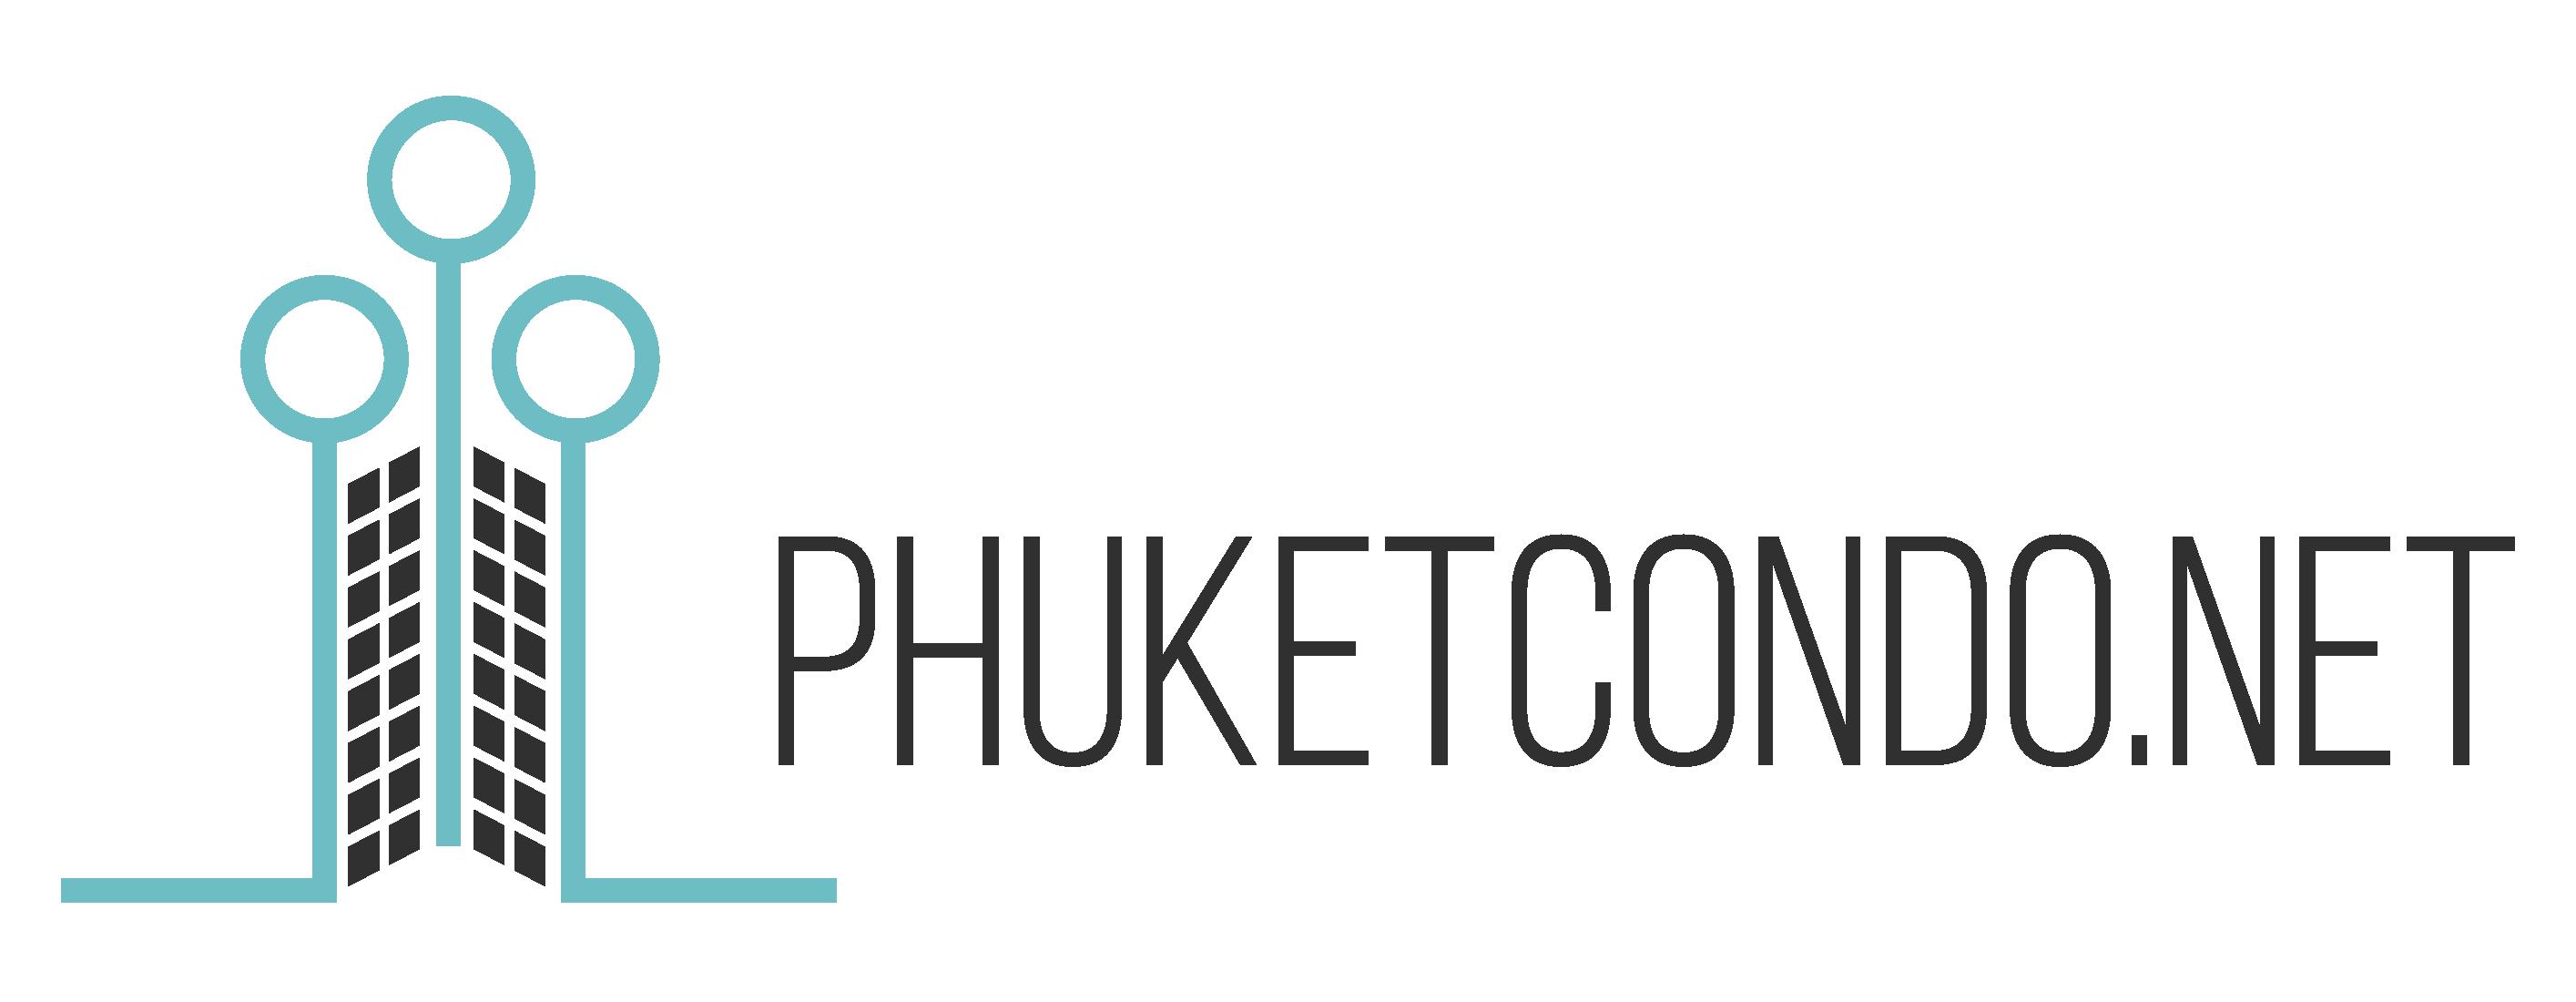 Phuket Condo .net